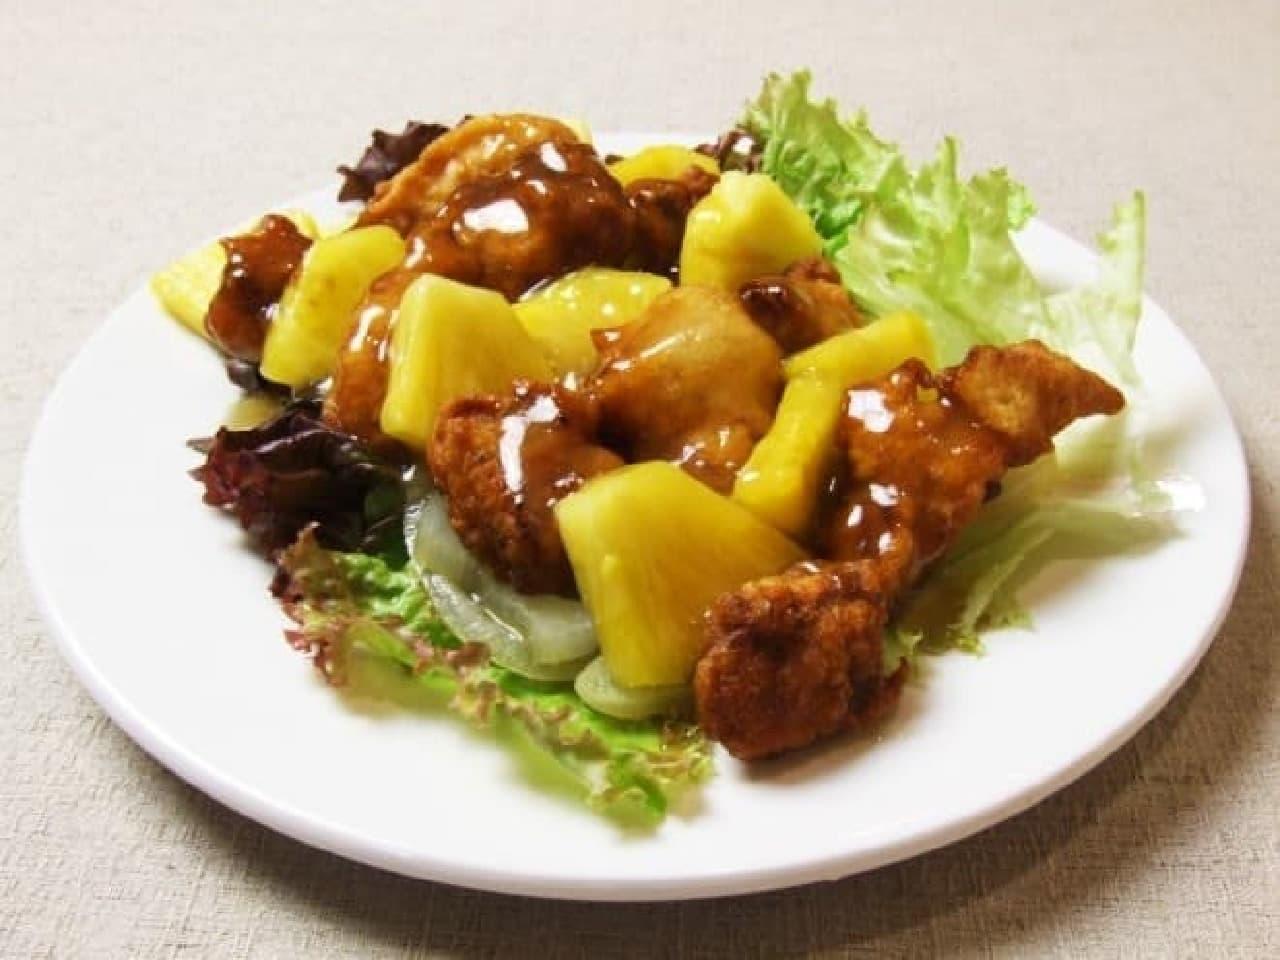 愛知の中華料理店「盛香倫(セイカリン)」の「豚肉の天ぷらとパインの特製酢豚ソース」